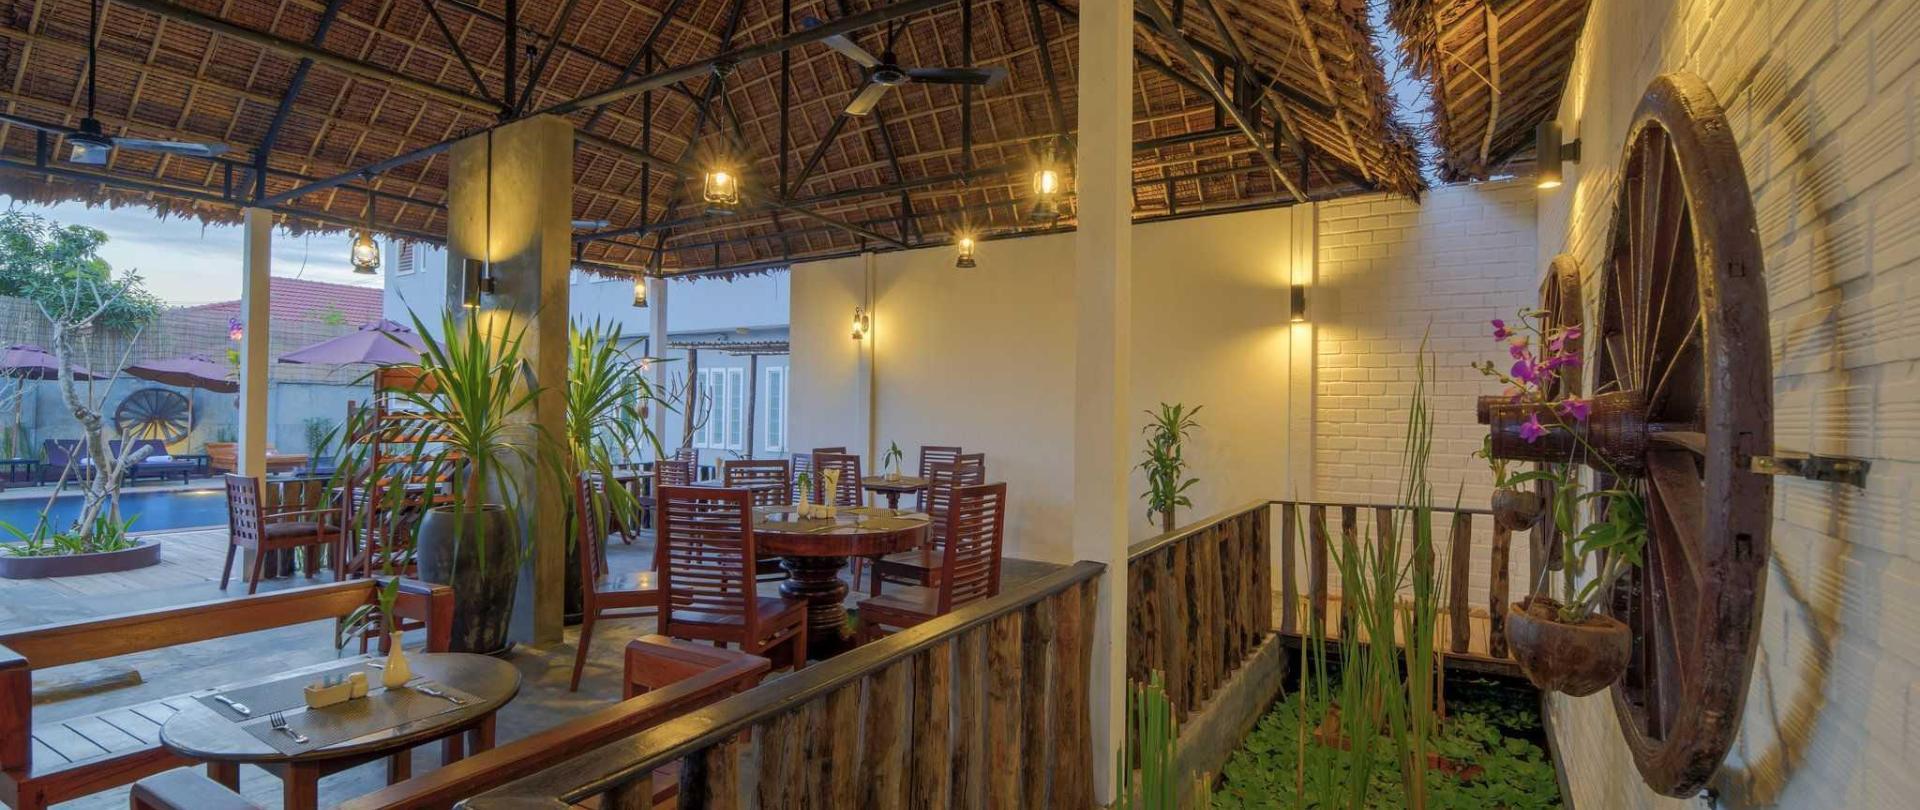 Outdoor Restaurant .jpg